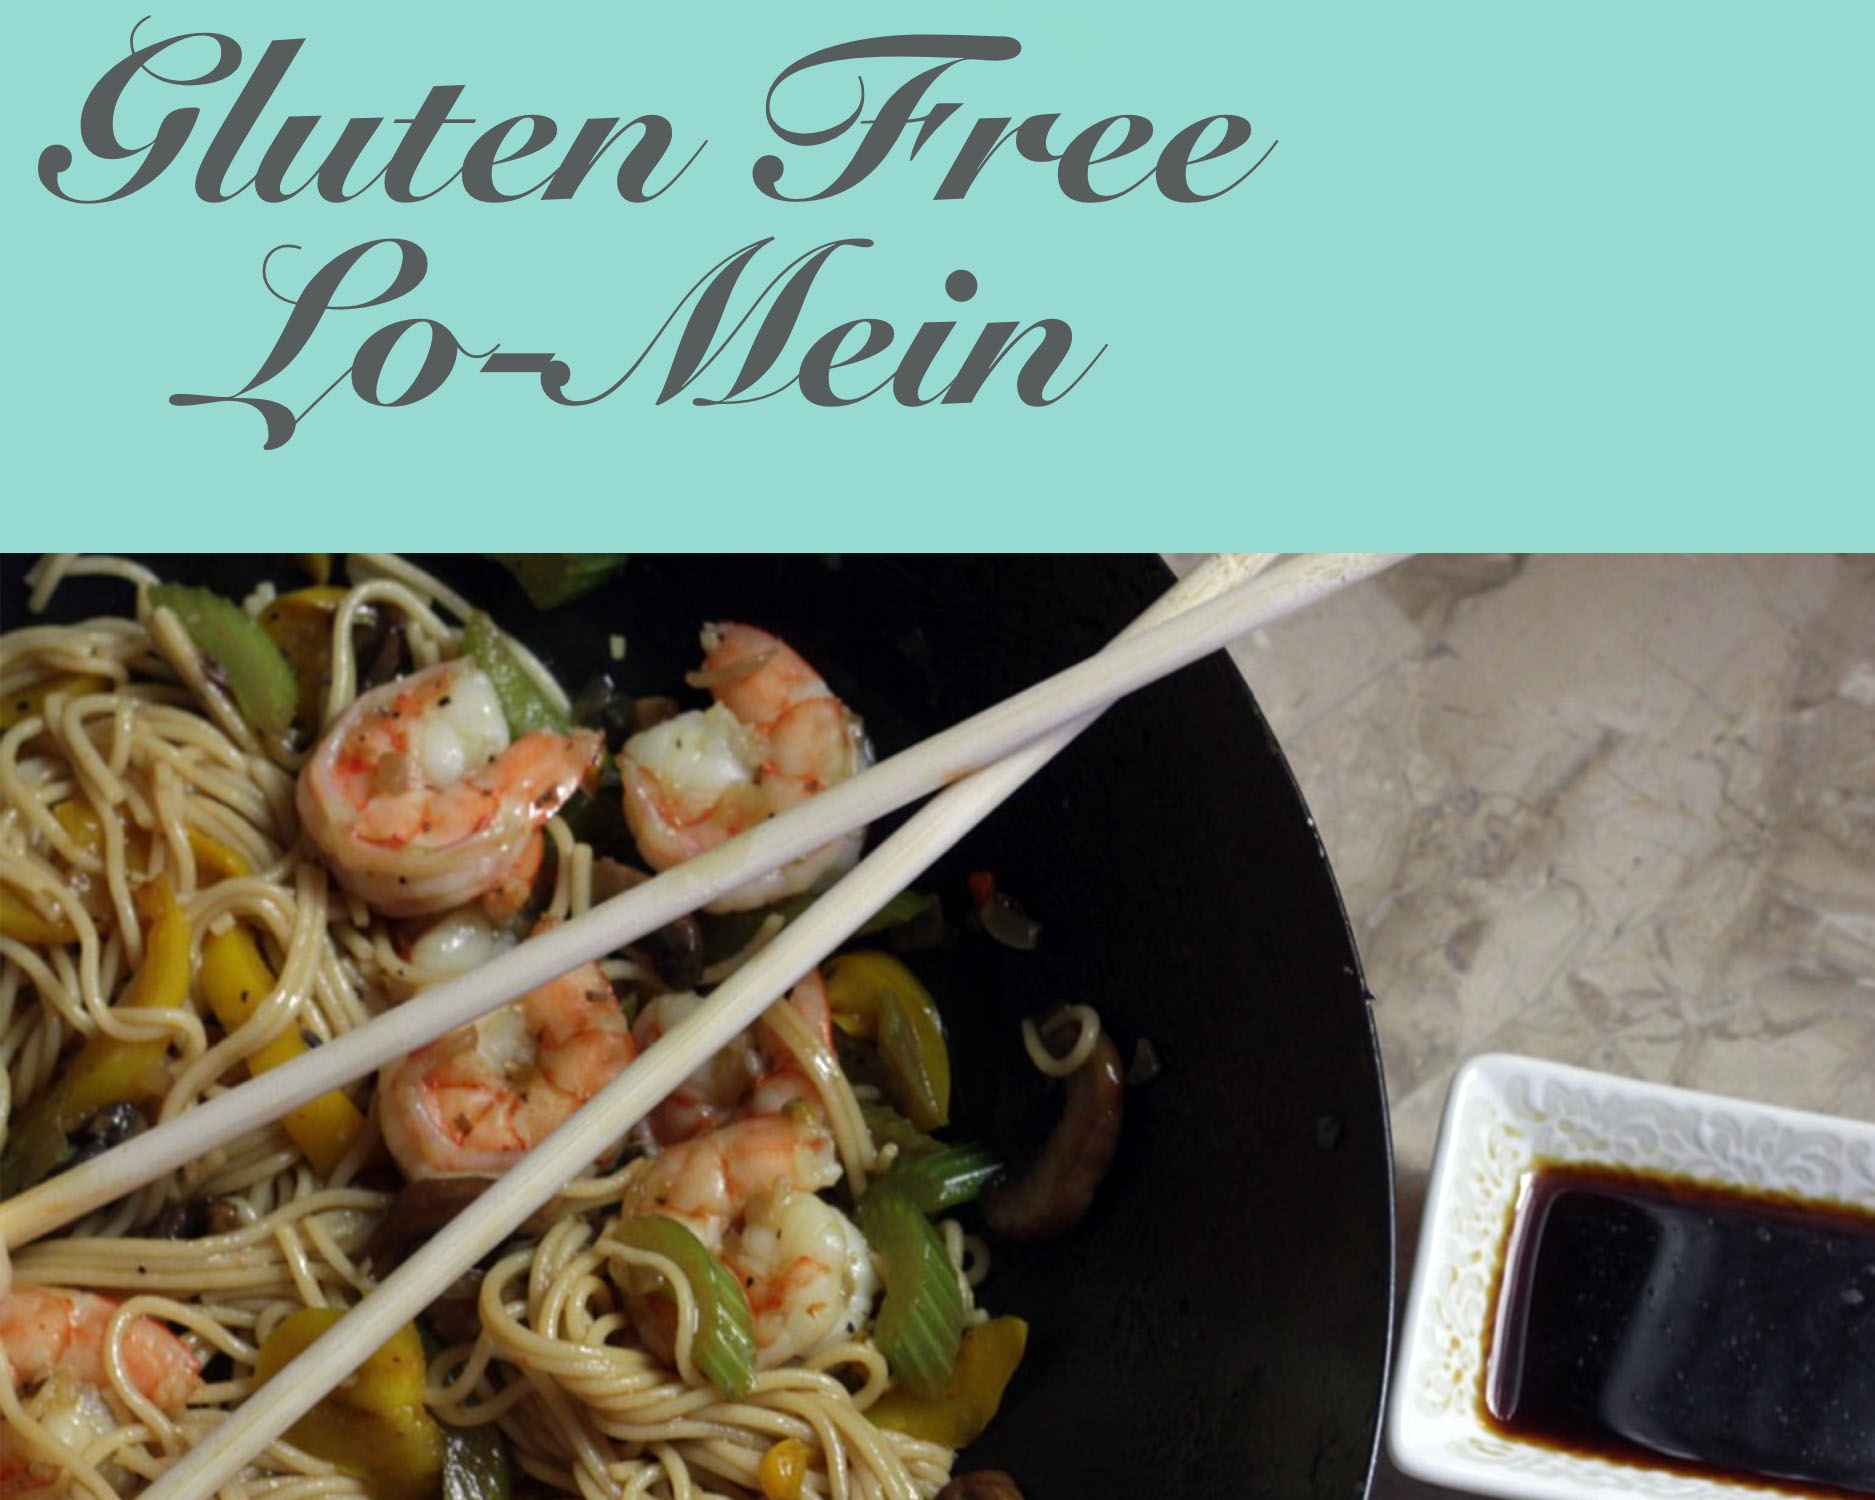 Lo Mein Gf Kinda Easy Recipes